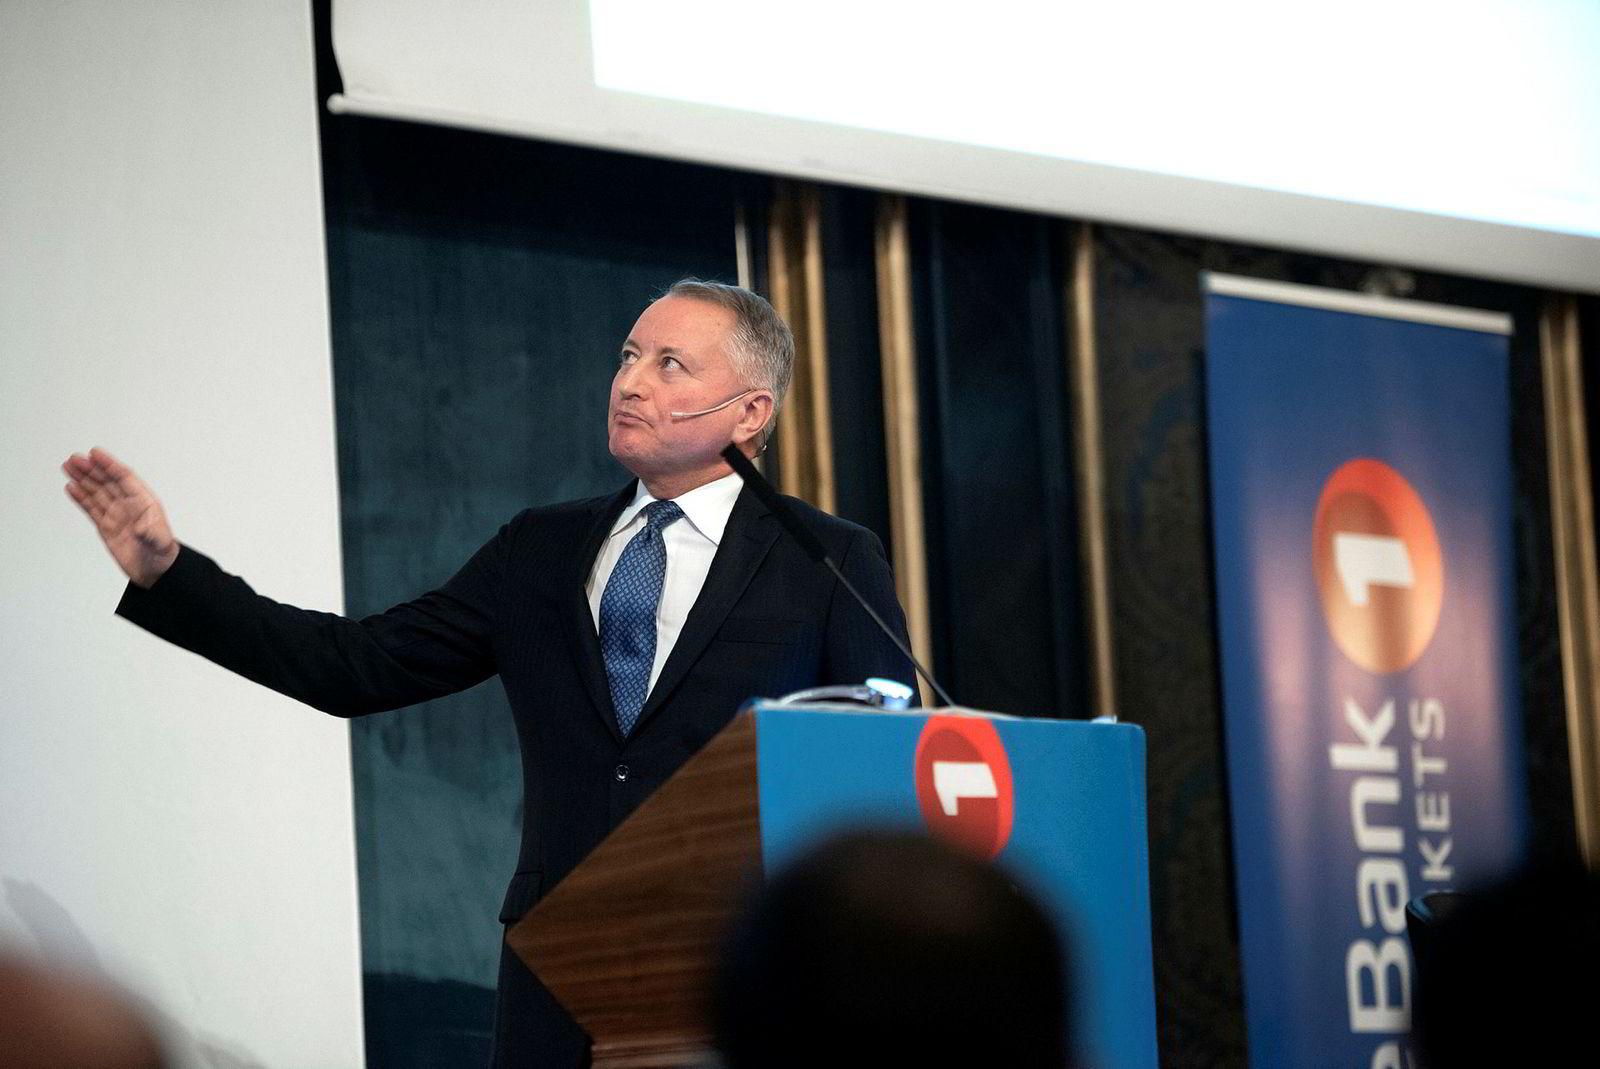 Geir Aune har lansert flere oljeserviceprosjekter de siste årene. Her er han fra Sparebank 1 Markets energikonferanse i slutten av februar i år, der han presenterte riggselskapet Production Drilling som styreformann for selskapet. Han ønsket å hente 2,9 milliarder kroner og notere det på OTC-listen.